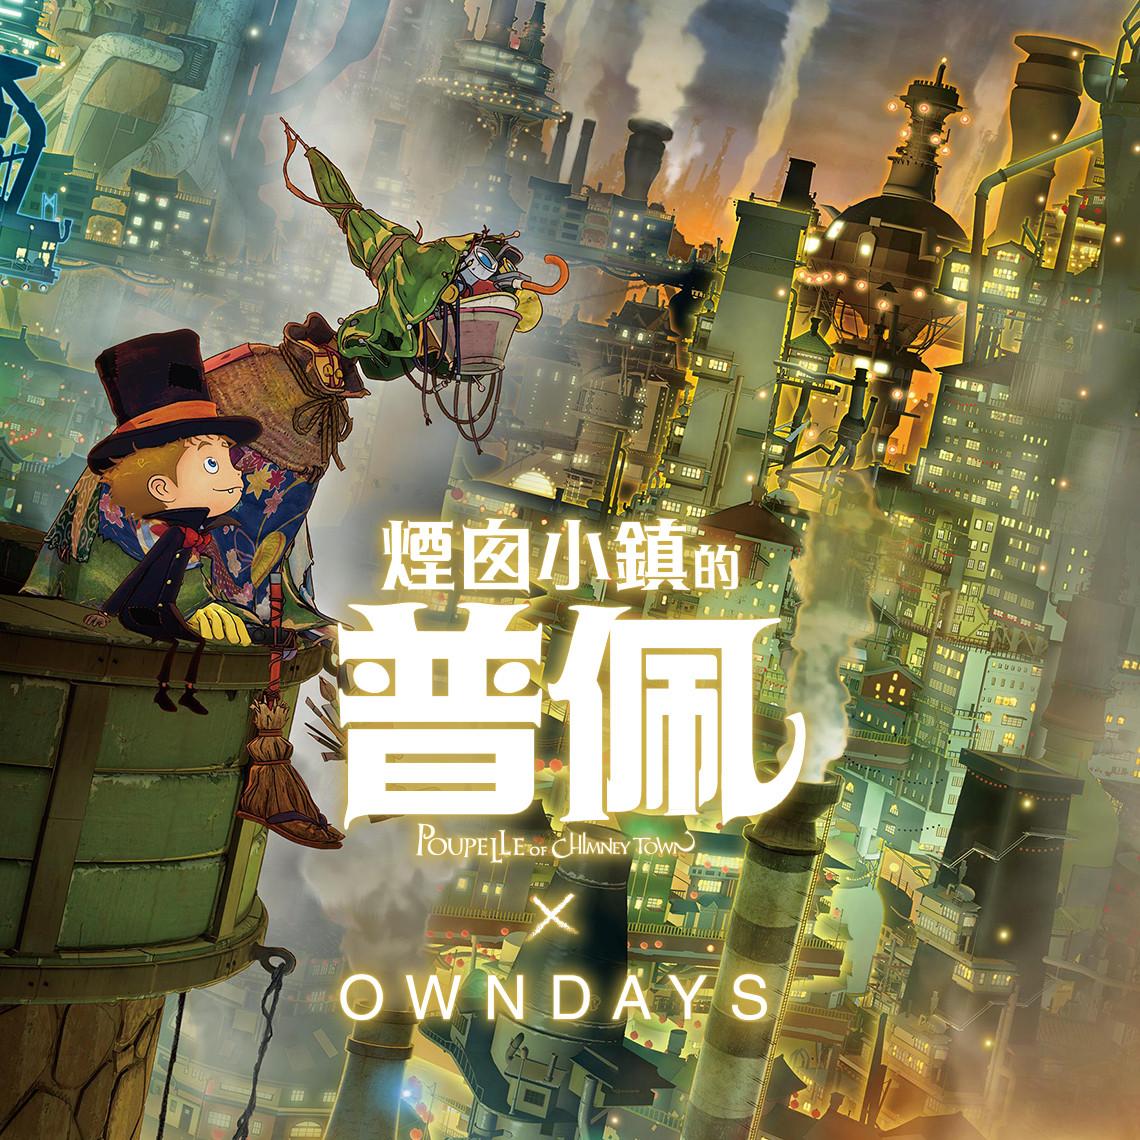 映画「えんとつ町のプペル」× OWNDAYS